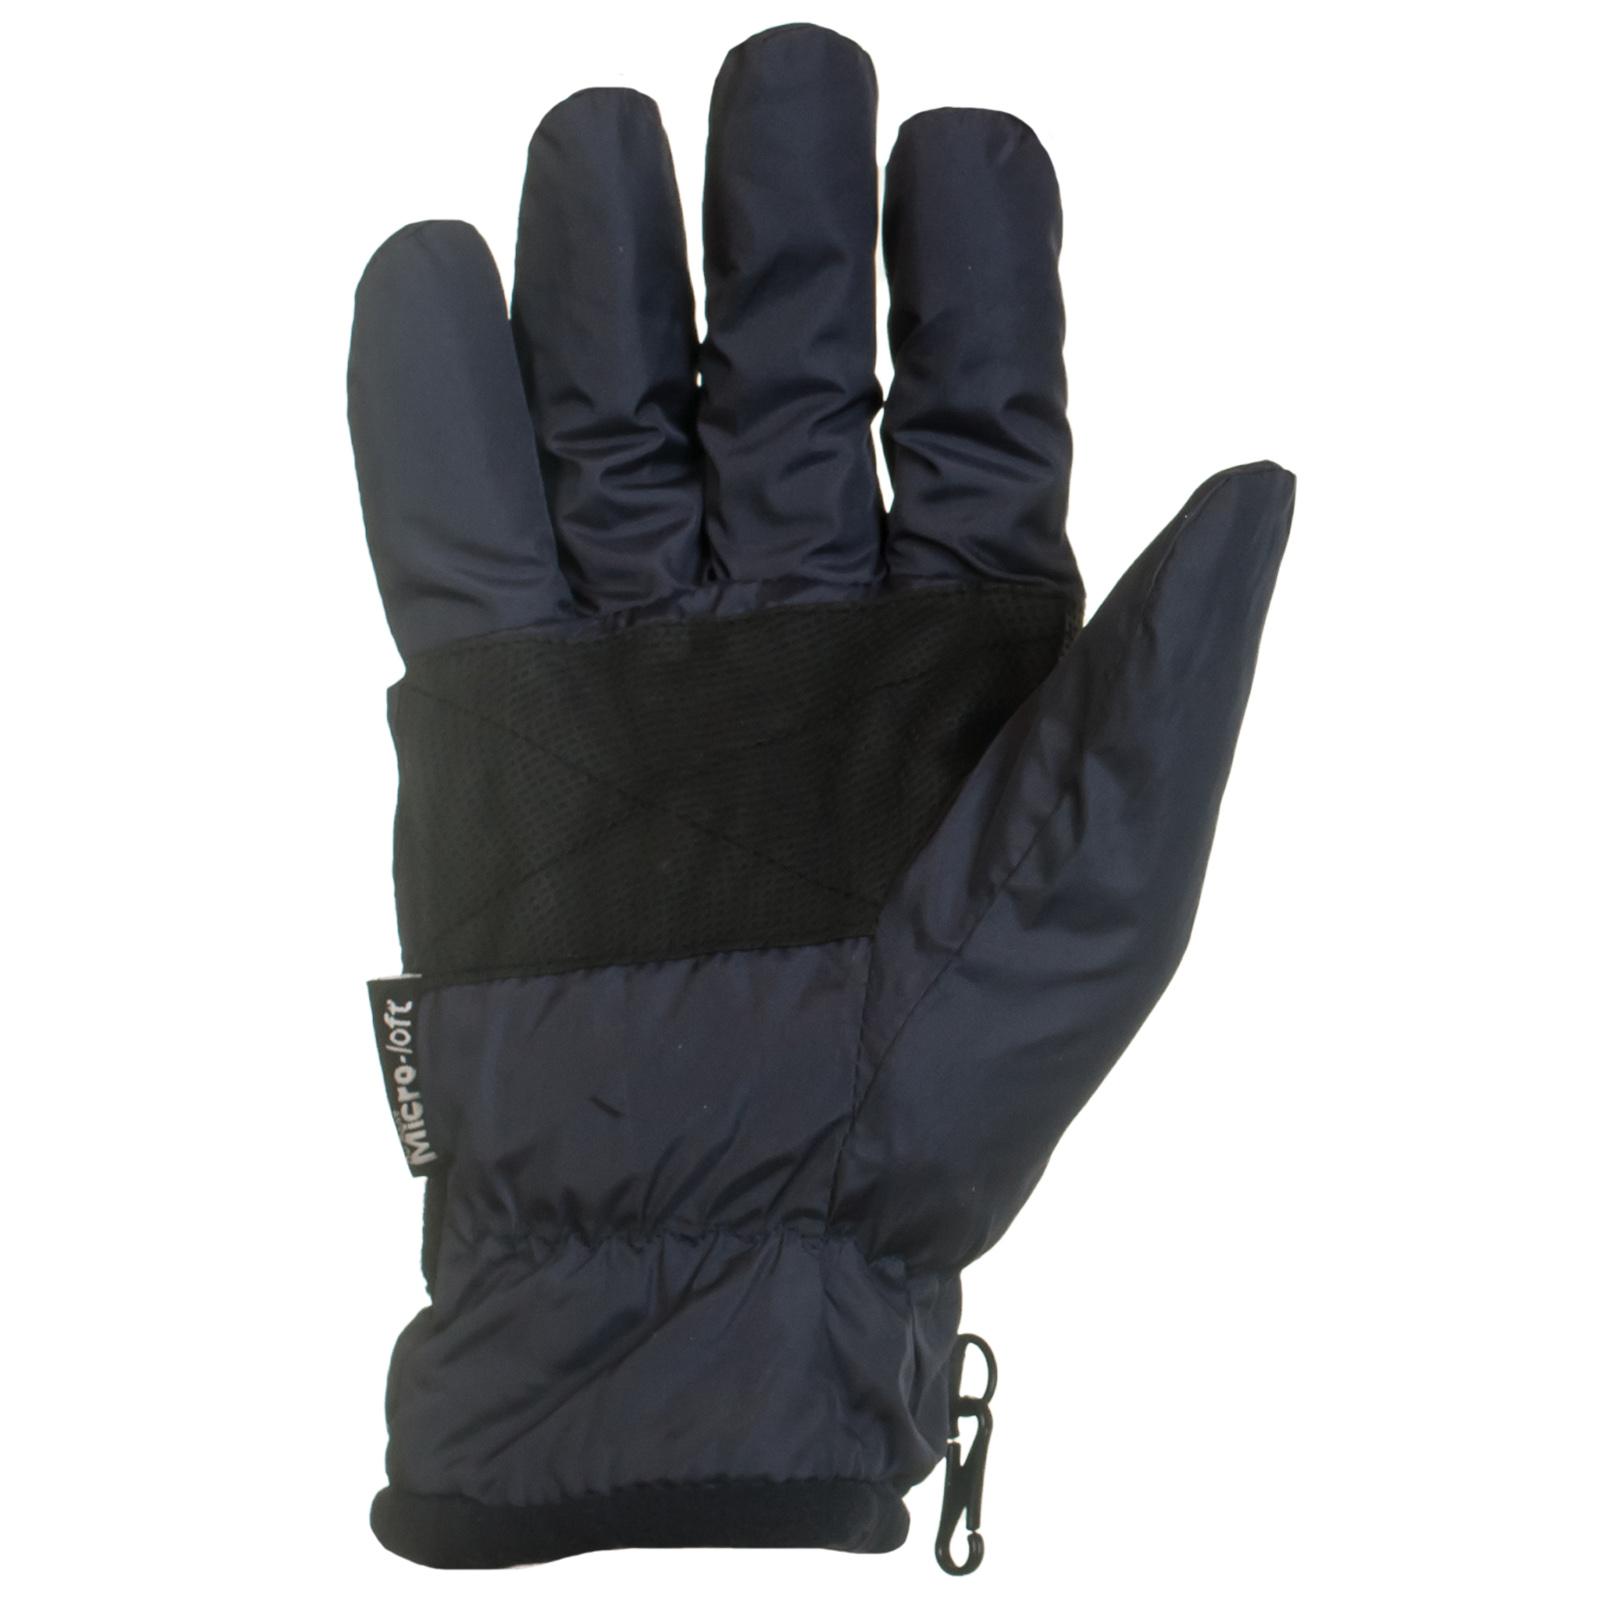 Купить практичные синие перчатки с фиксатором на запястье онлайн выгодно